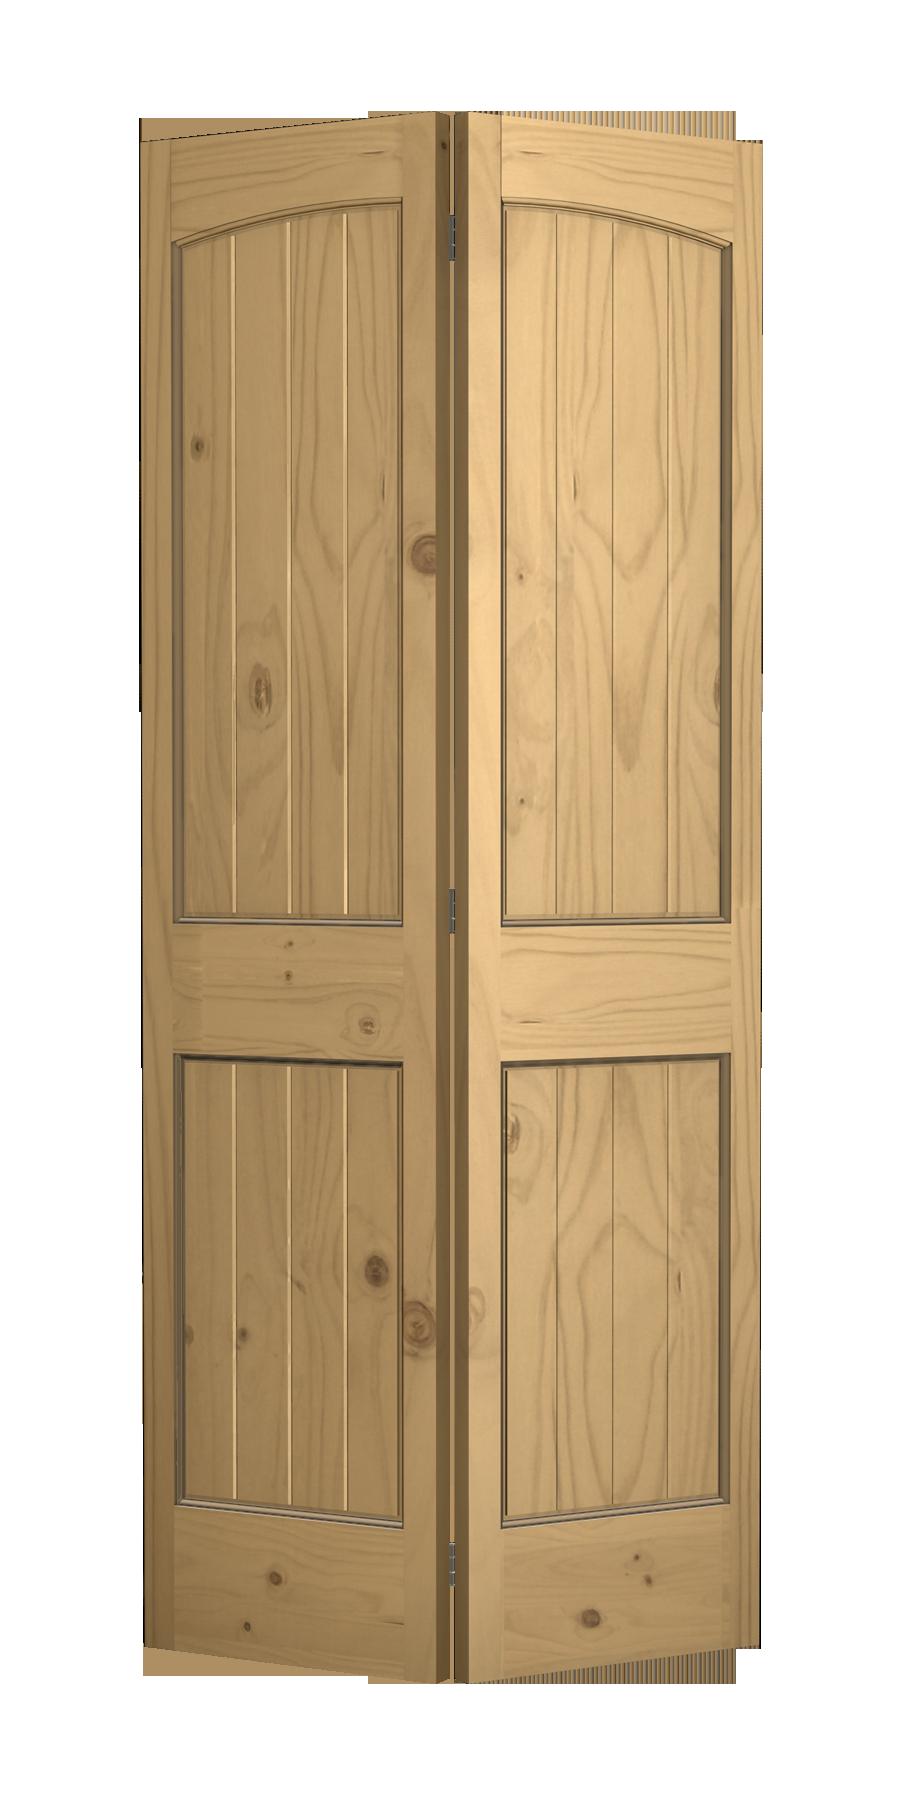 authentic wood bifold interior door jeld wen doors attic loft rh pinterest com